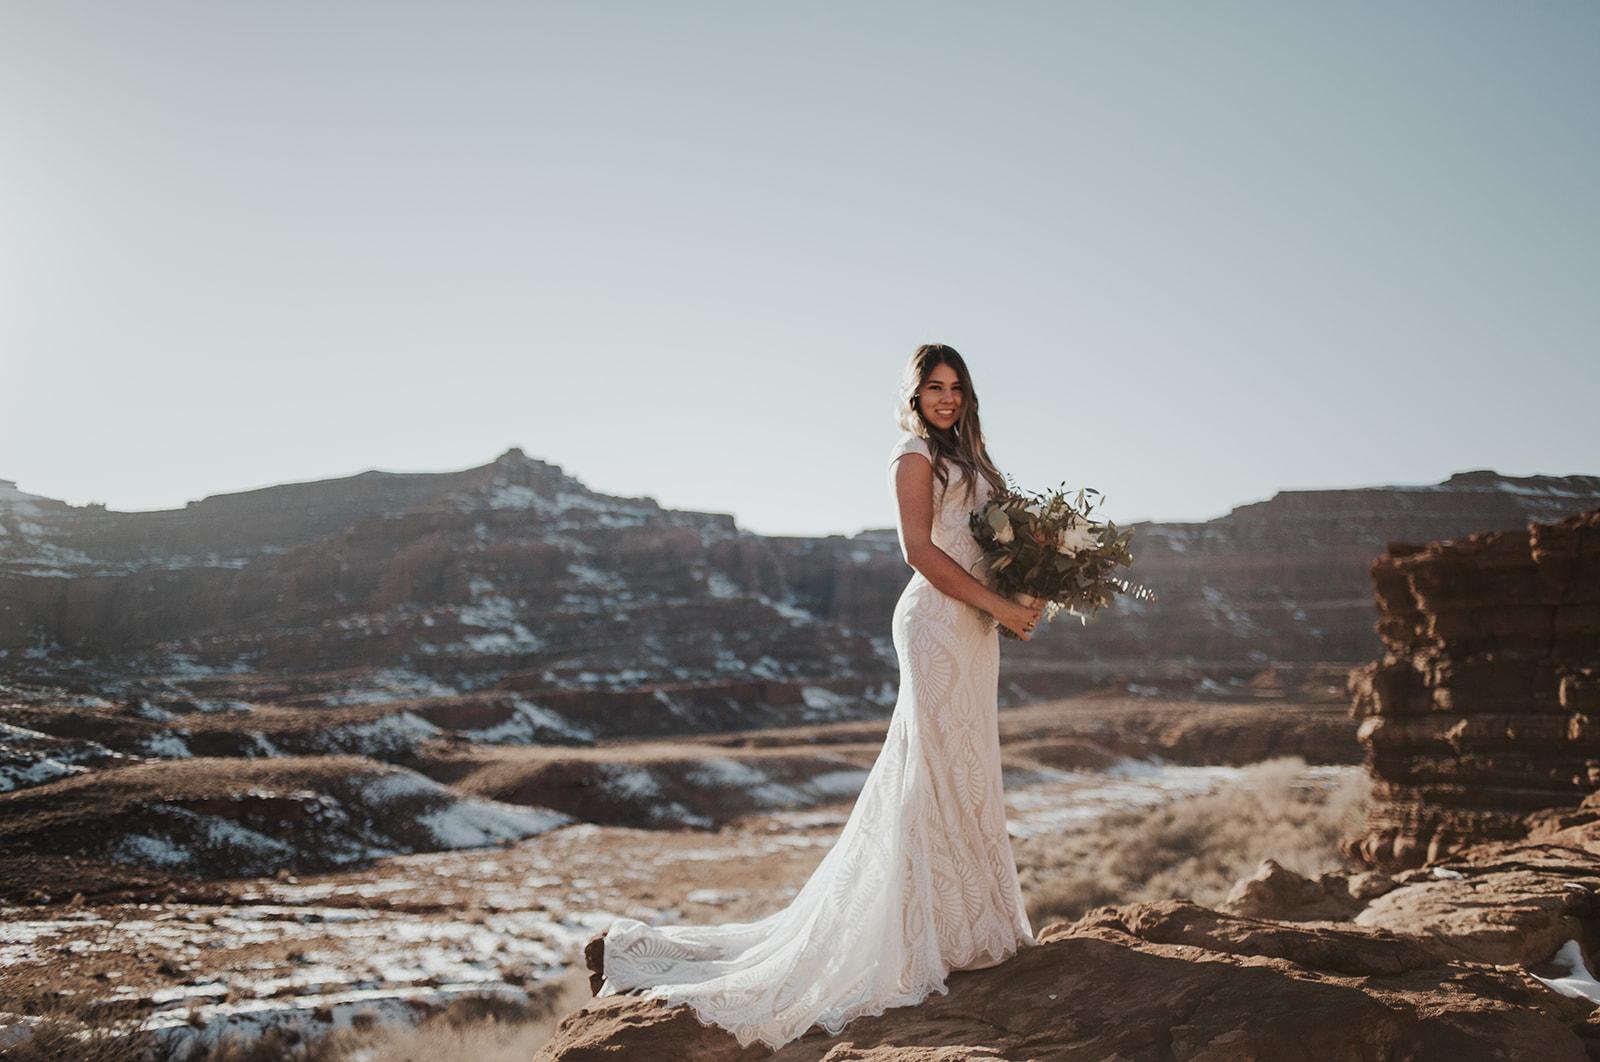 jamie+weston bridals-32.jpg